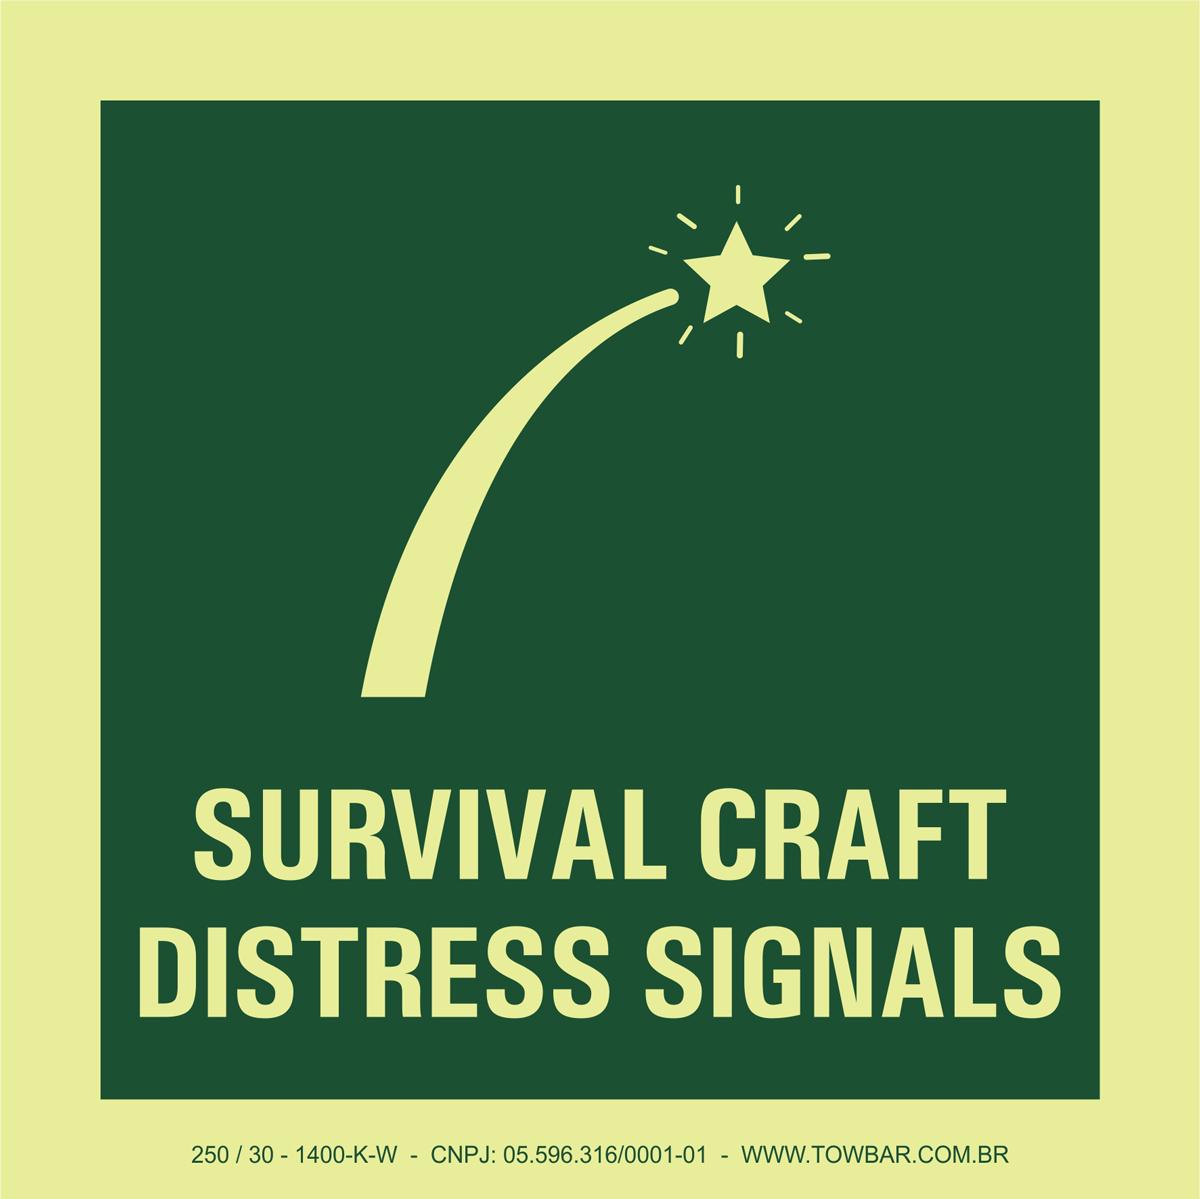 Survival Craft Distress Signals  - Towbar Sinalização de Segurança